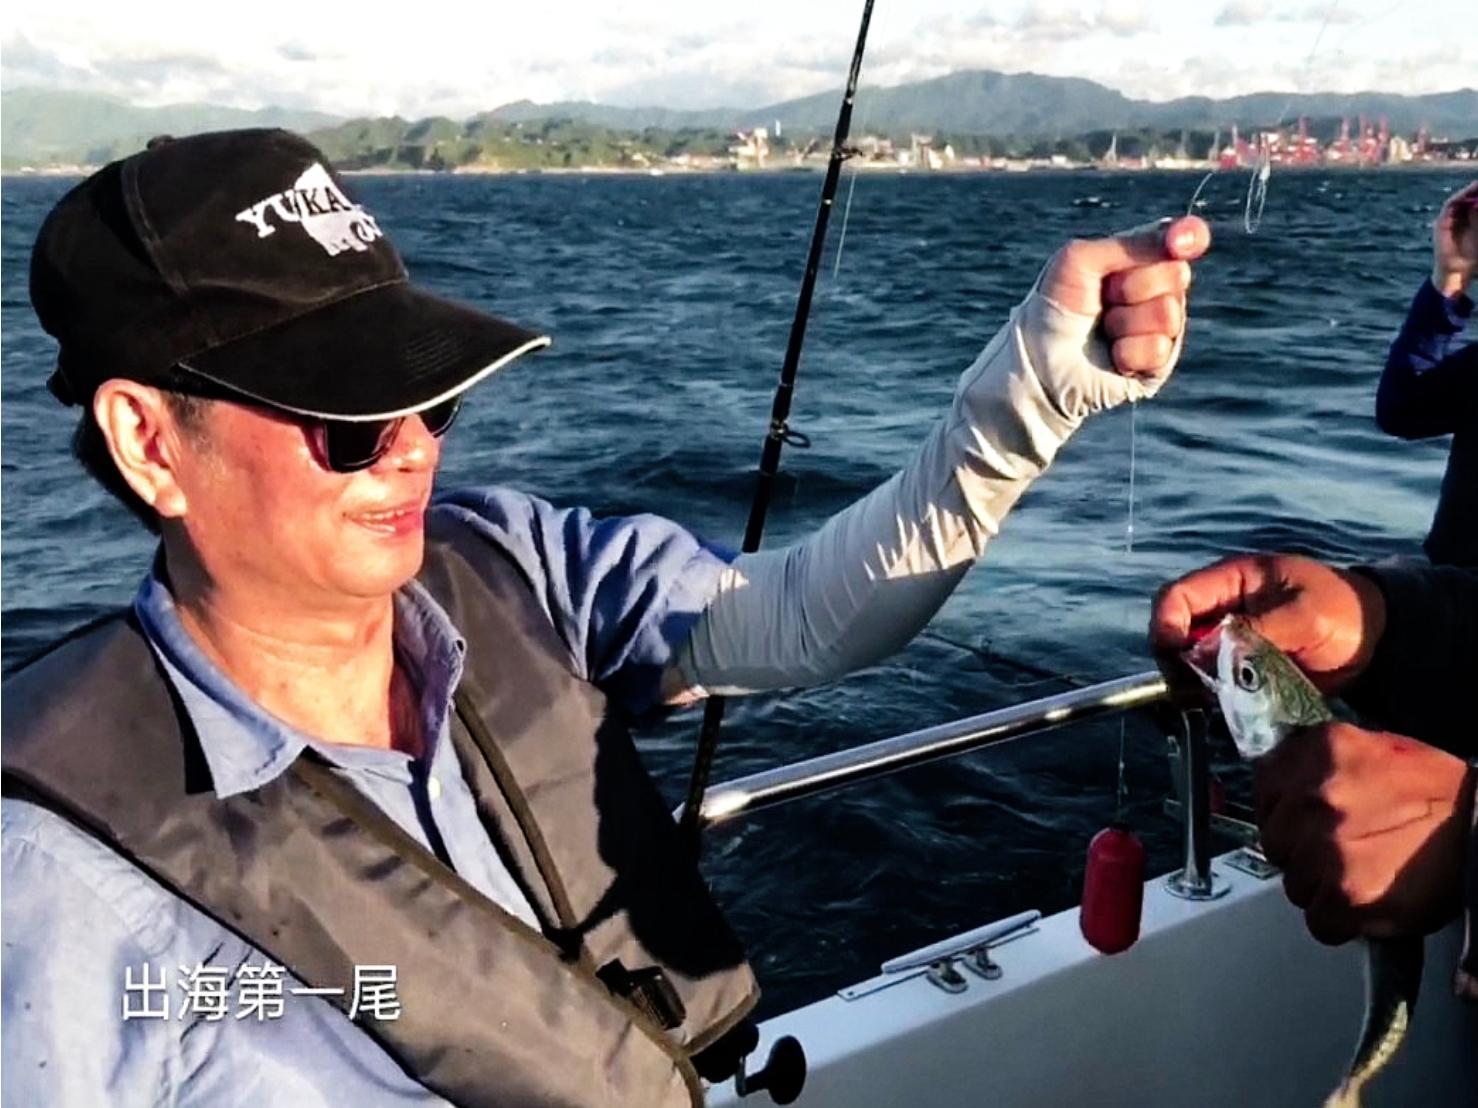 親子一起海釣,感情也更加溫喔!